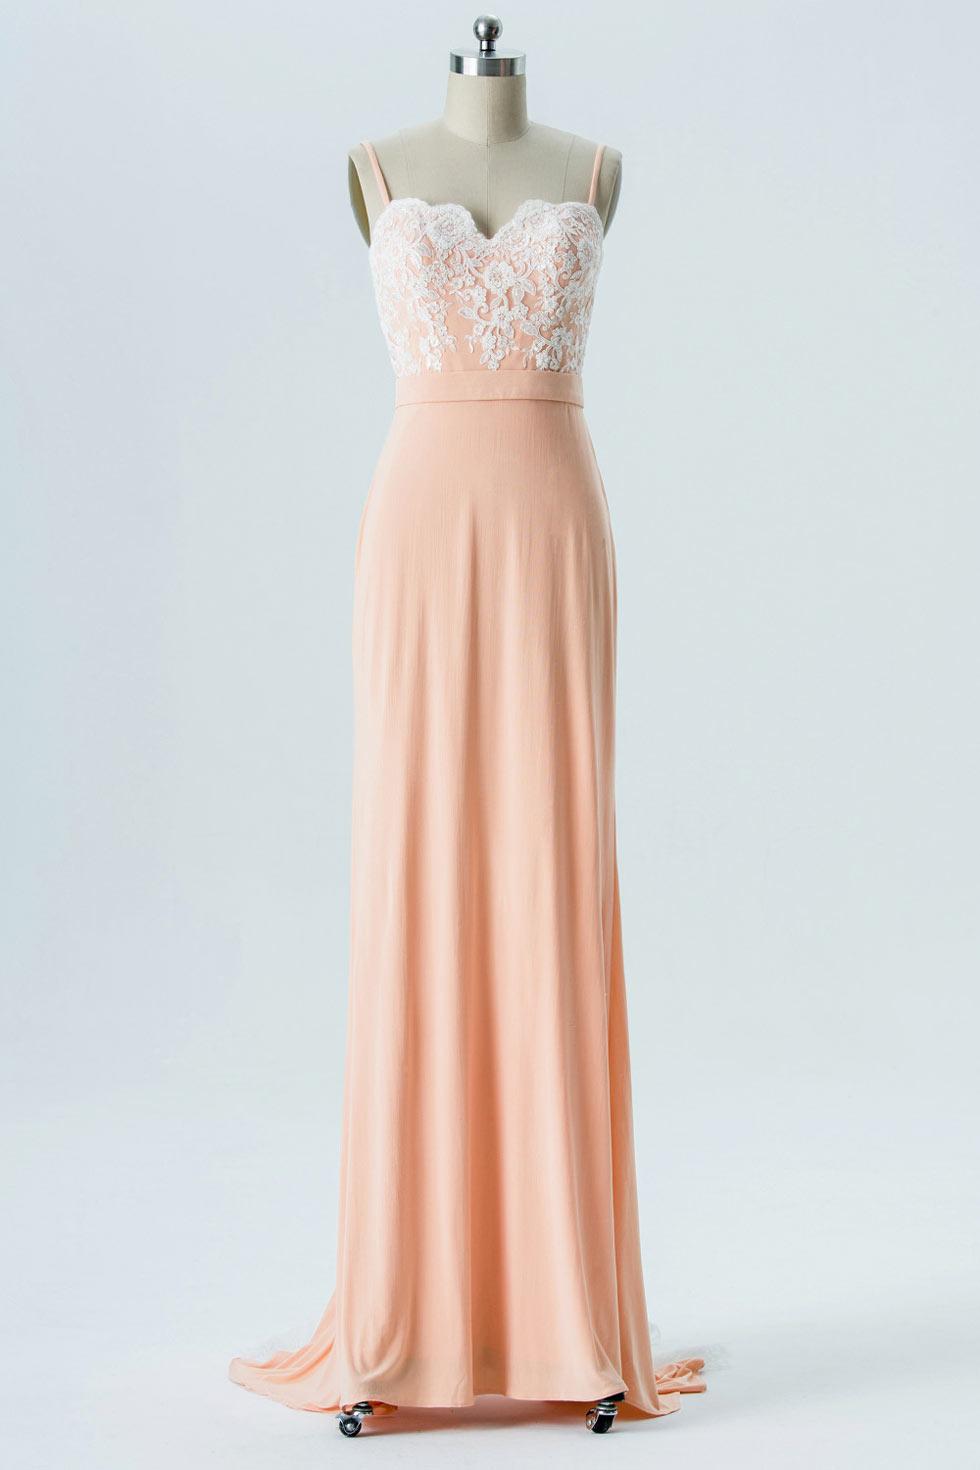 robe de soirée orange claire longue haut en dentelle appliquée élégante avec bretelles fines